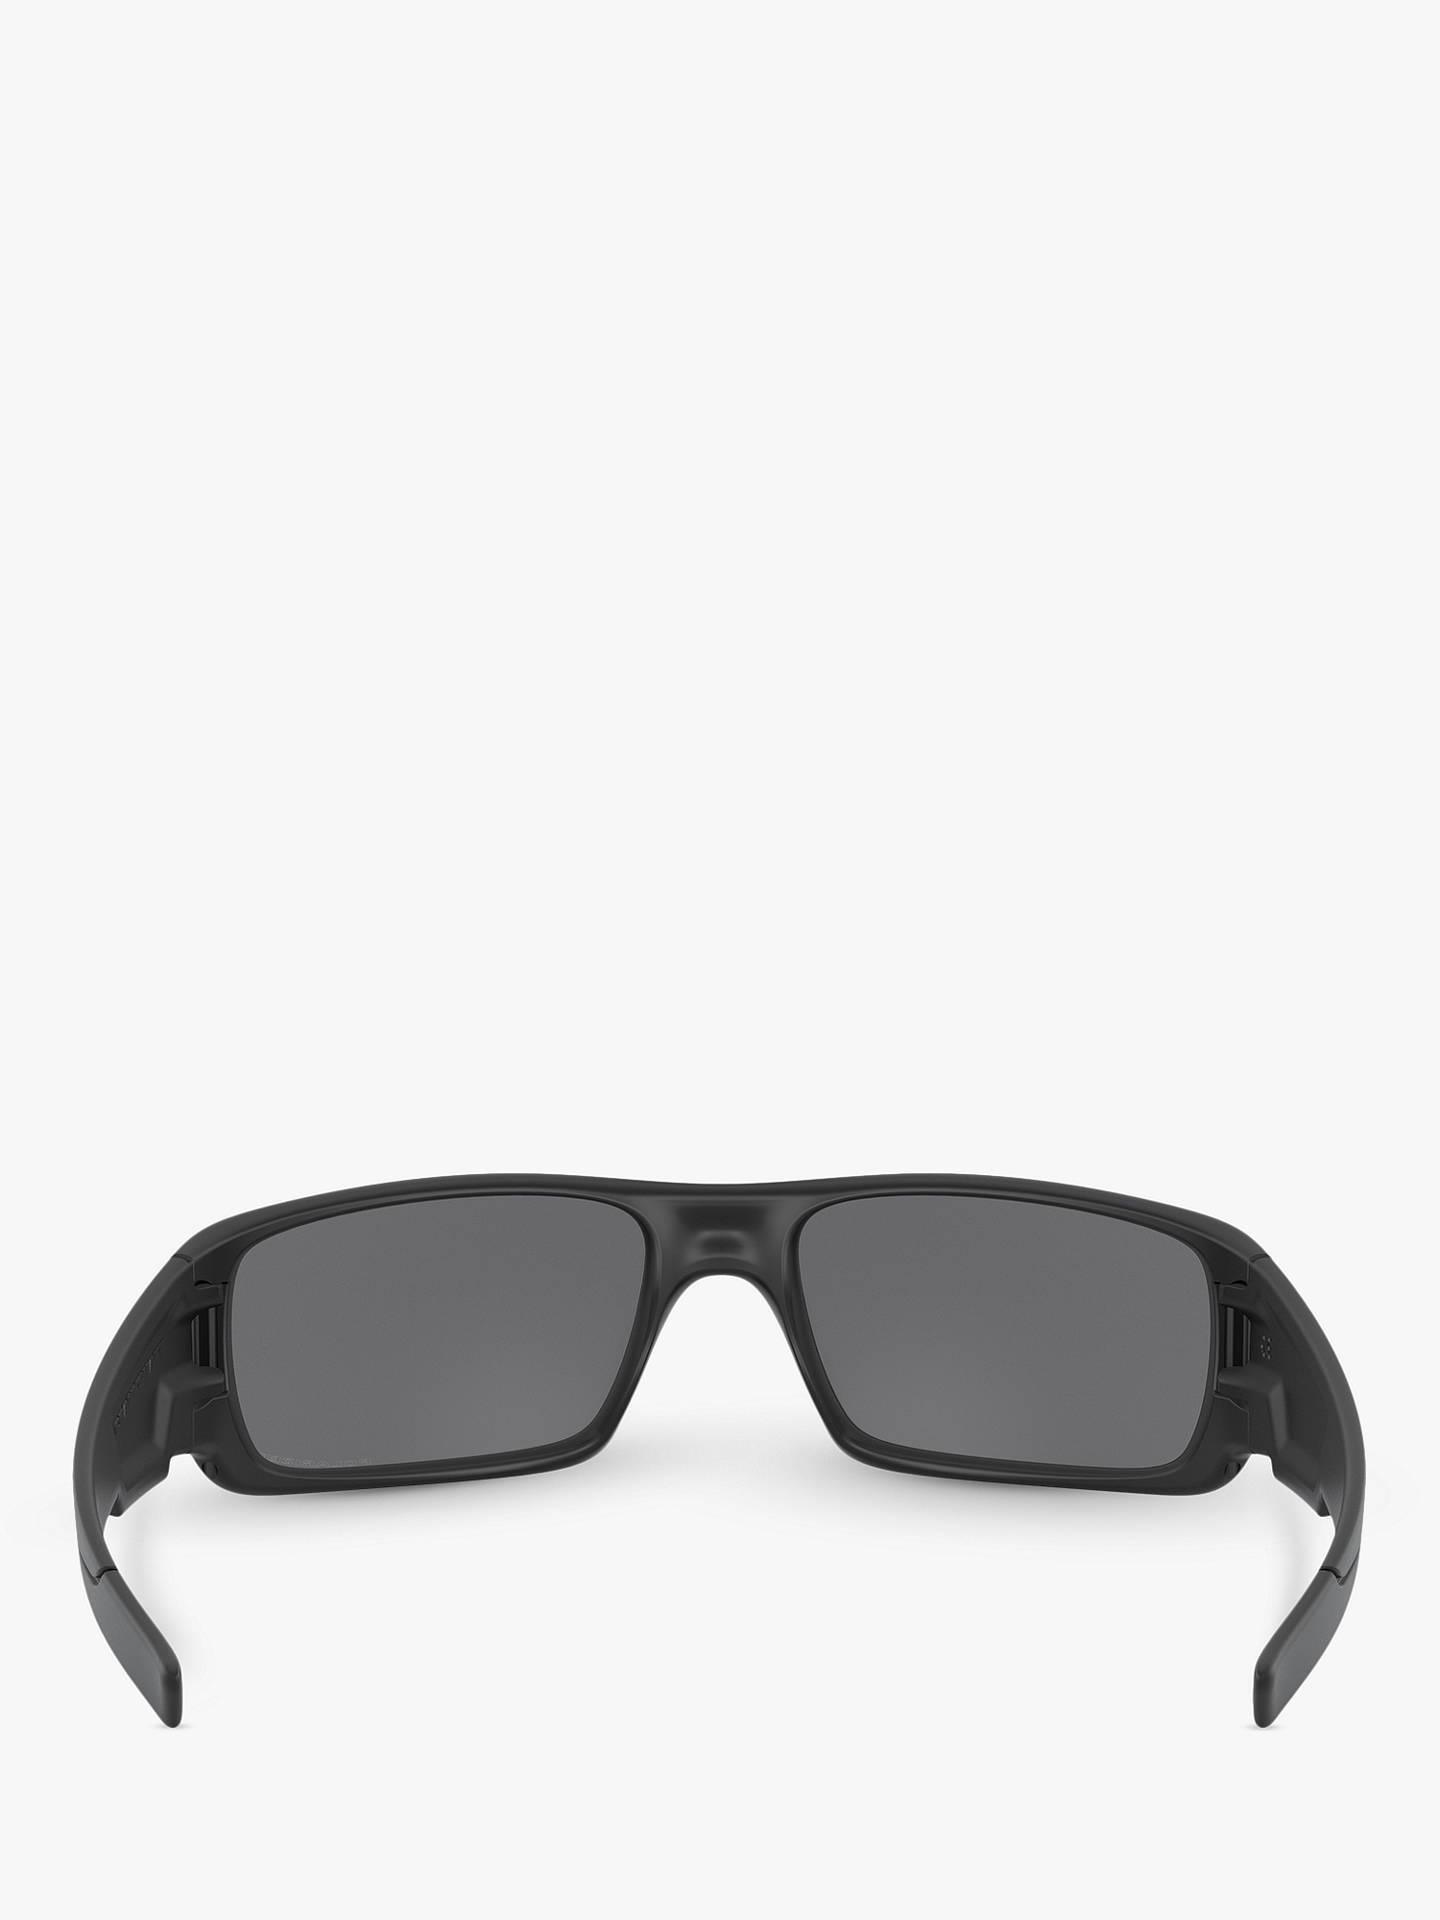 024455ad5a Oakley OO9239 Crankshaft Sunglasses at John Lewis   Partners